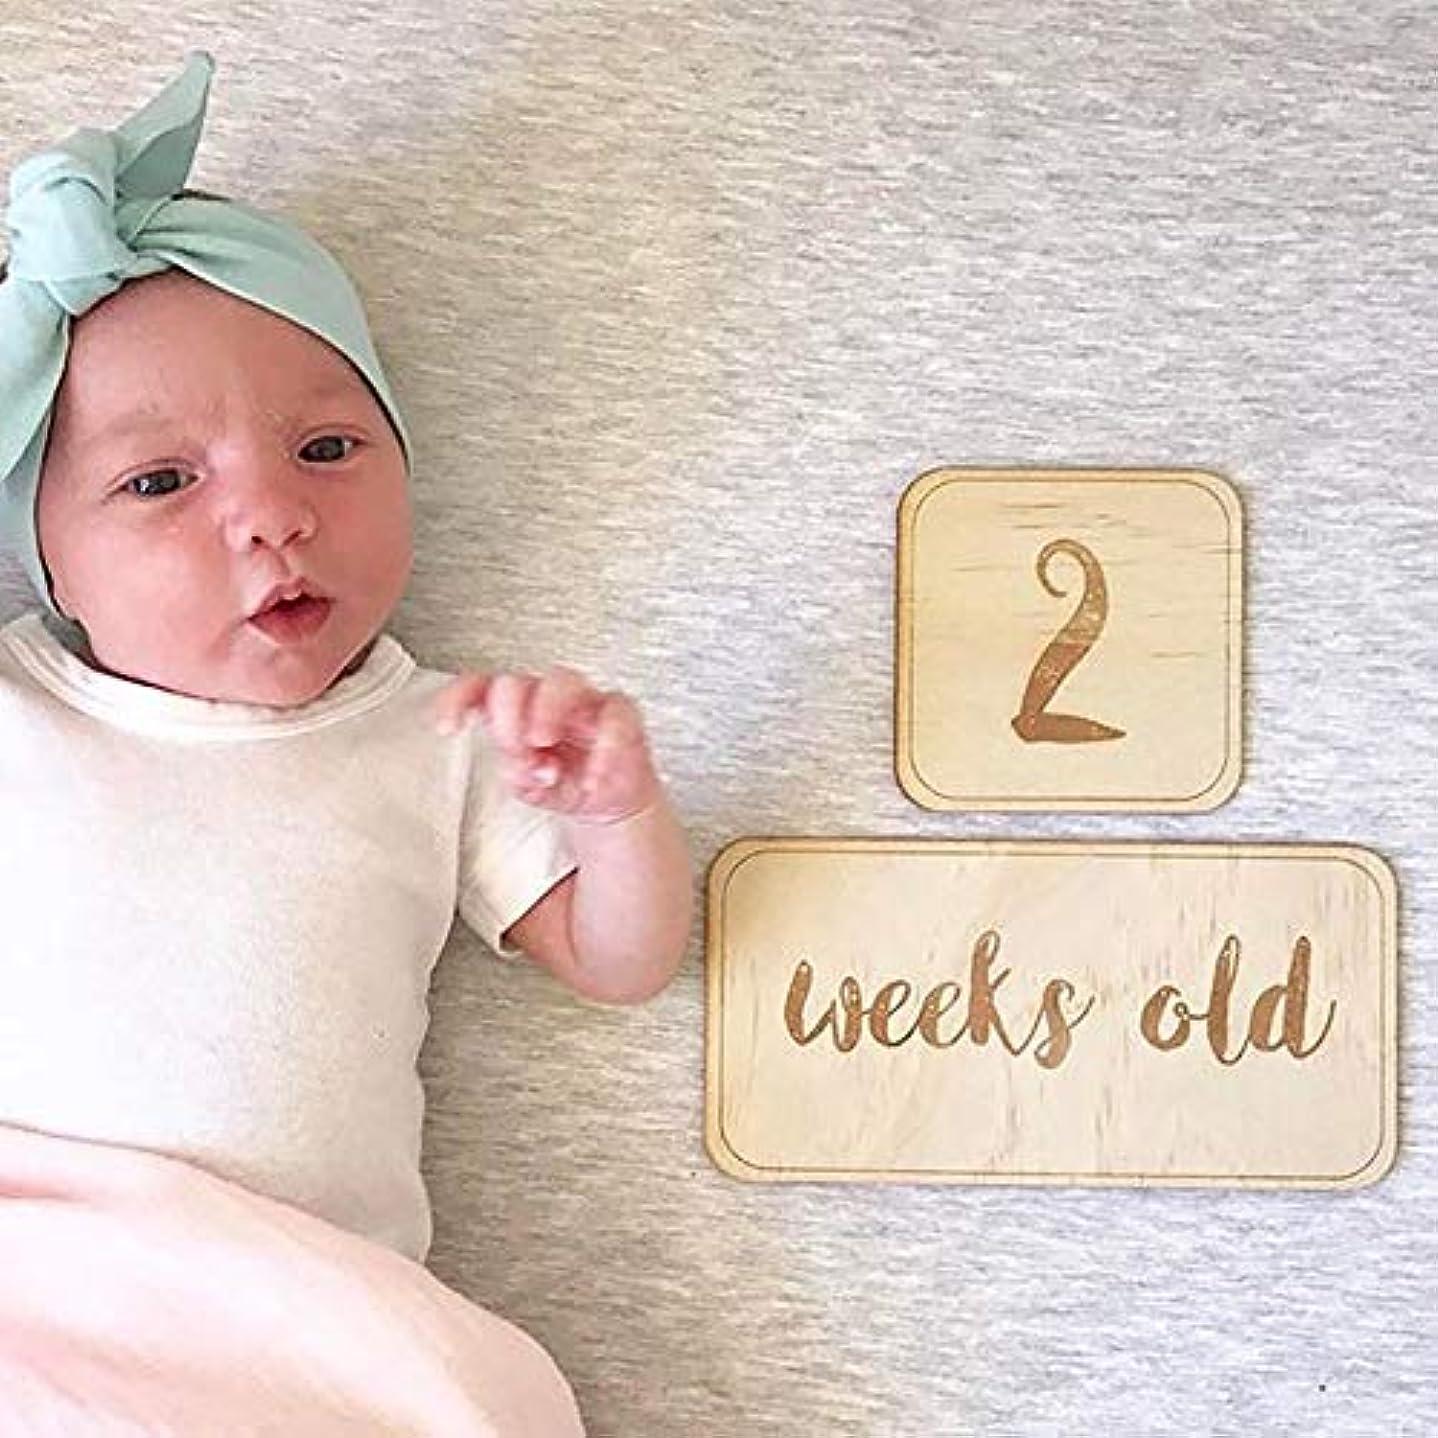 狂気内なるアクセスできないベビーマンスリーカード 15枚セット 月齢撮影 写真撮影 撮影小物 記念日 出産祝い 赤ちゃん 成長記録 内祝い プレゼント (1-12数字+Months old)